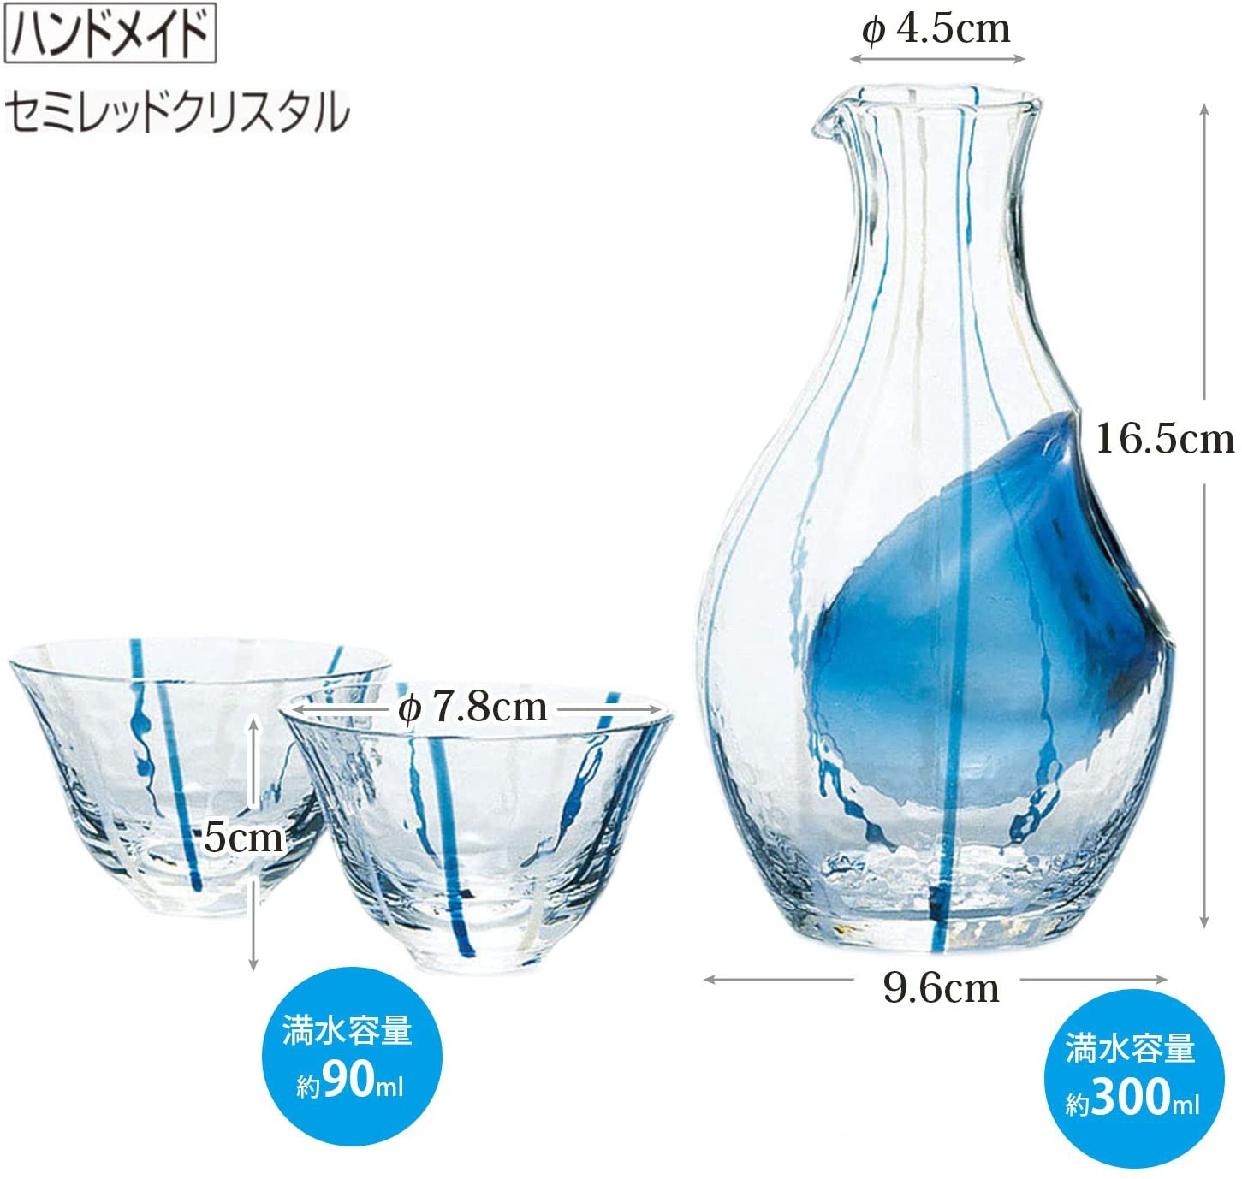 東洋佐々木ガラス(とうようささきがらす)日本酒グラス 冷酒セット G538-M66の商品画像3